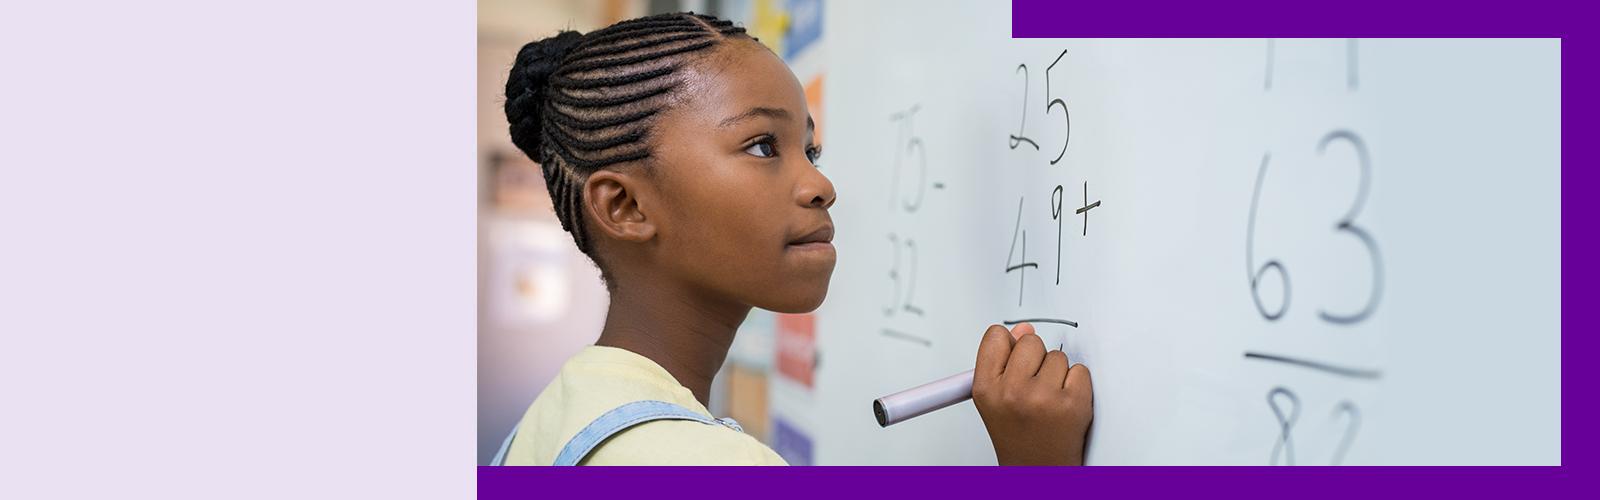 Imagem mostra uma estudante resolvendo uma conta matemática em um quadro branco